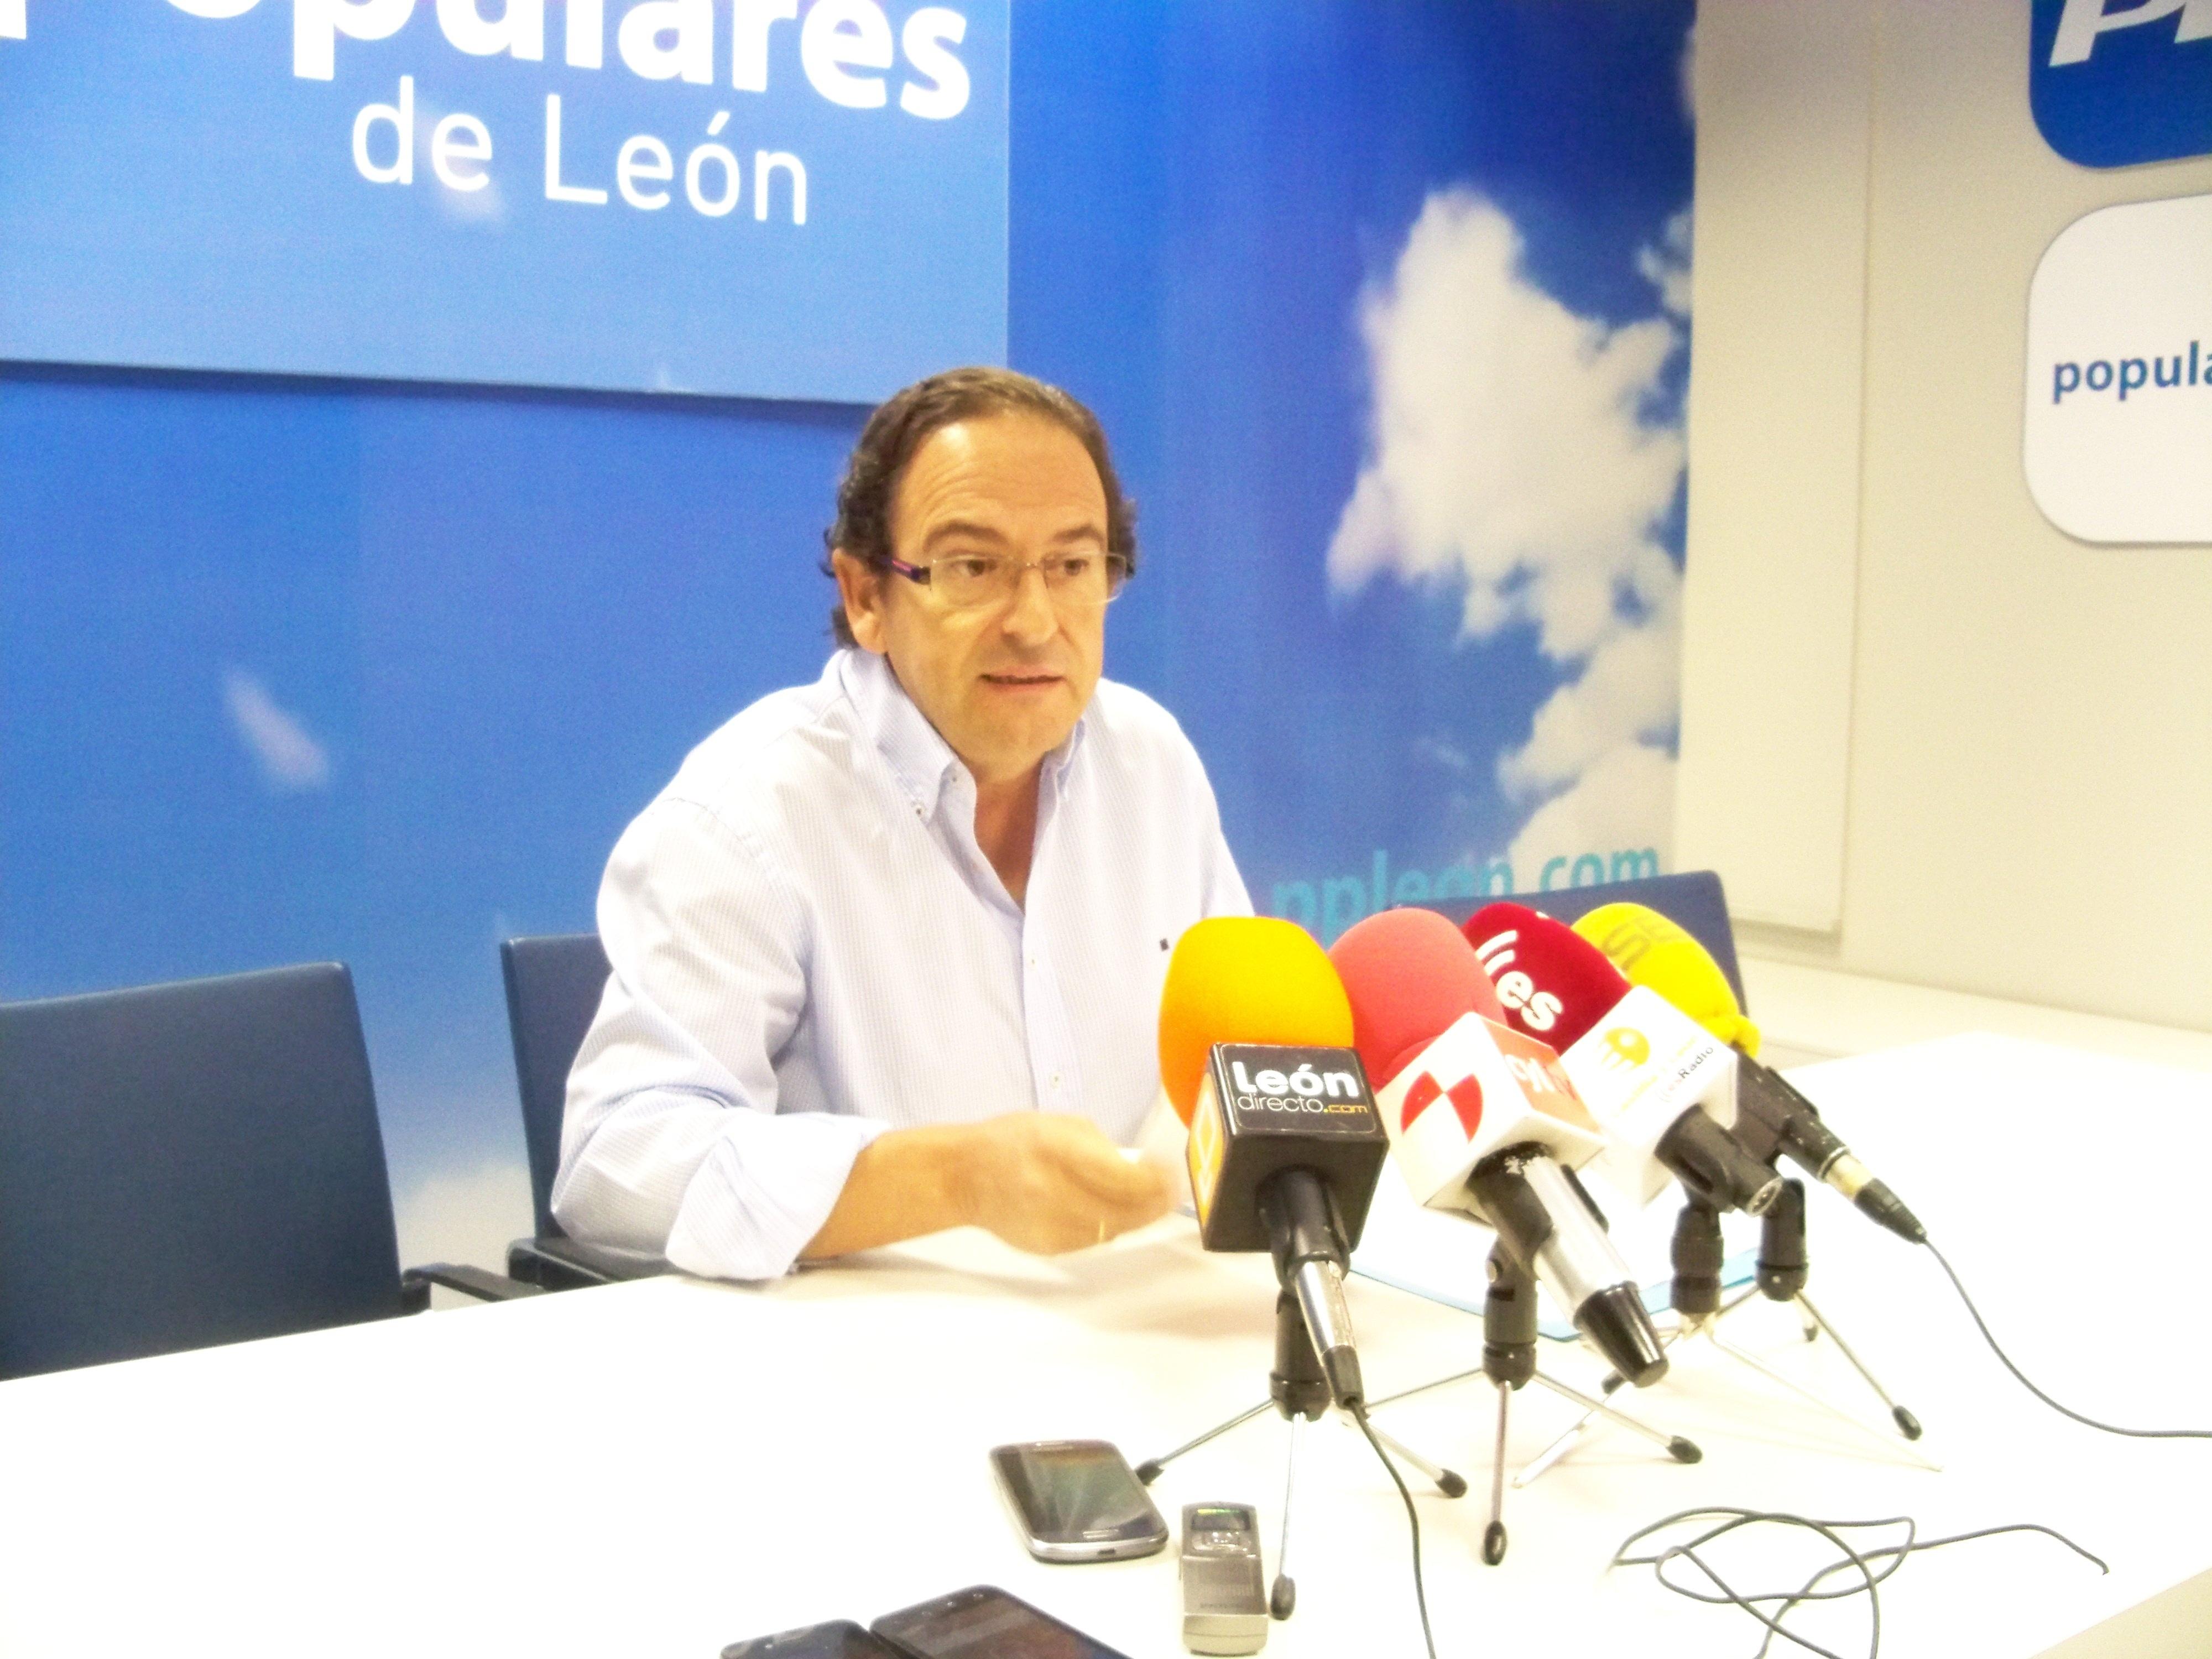 Senador del PP dice que su partido quiere presentar en Bruselas un nuevo Plan del Carbón «lo más consensuado»